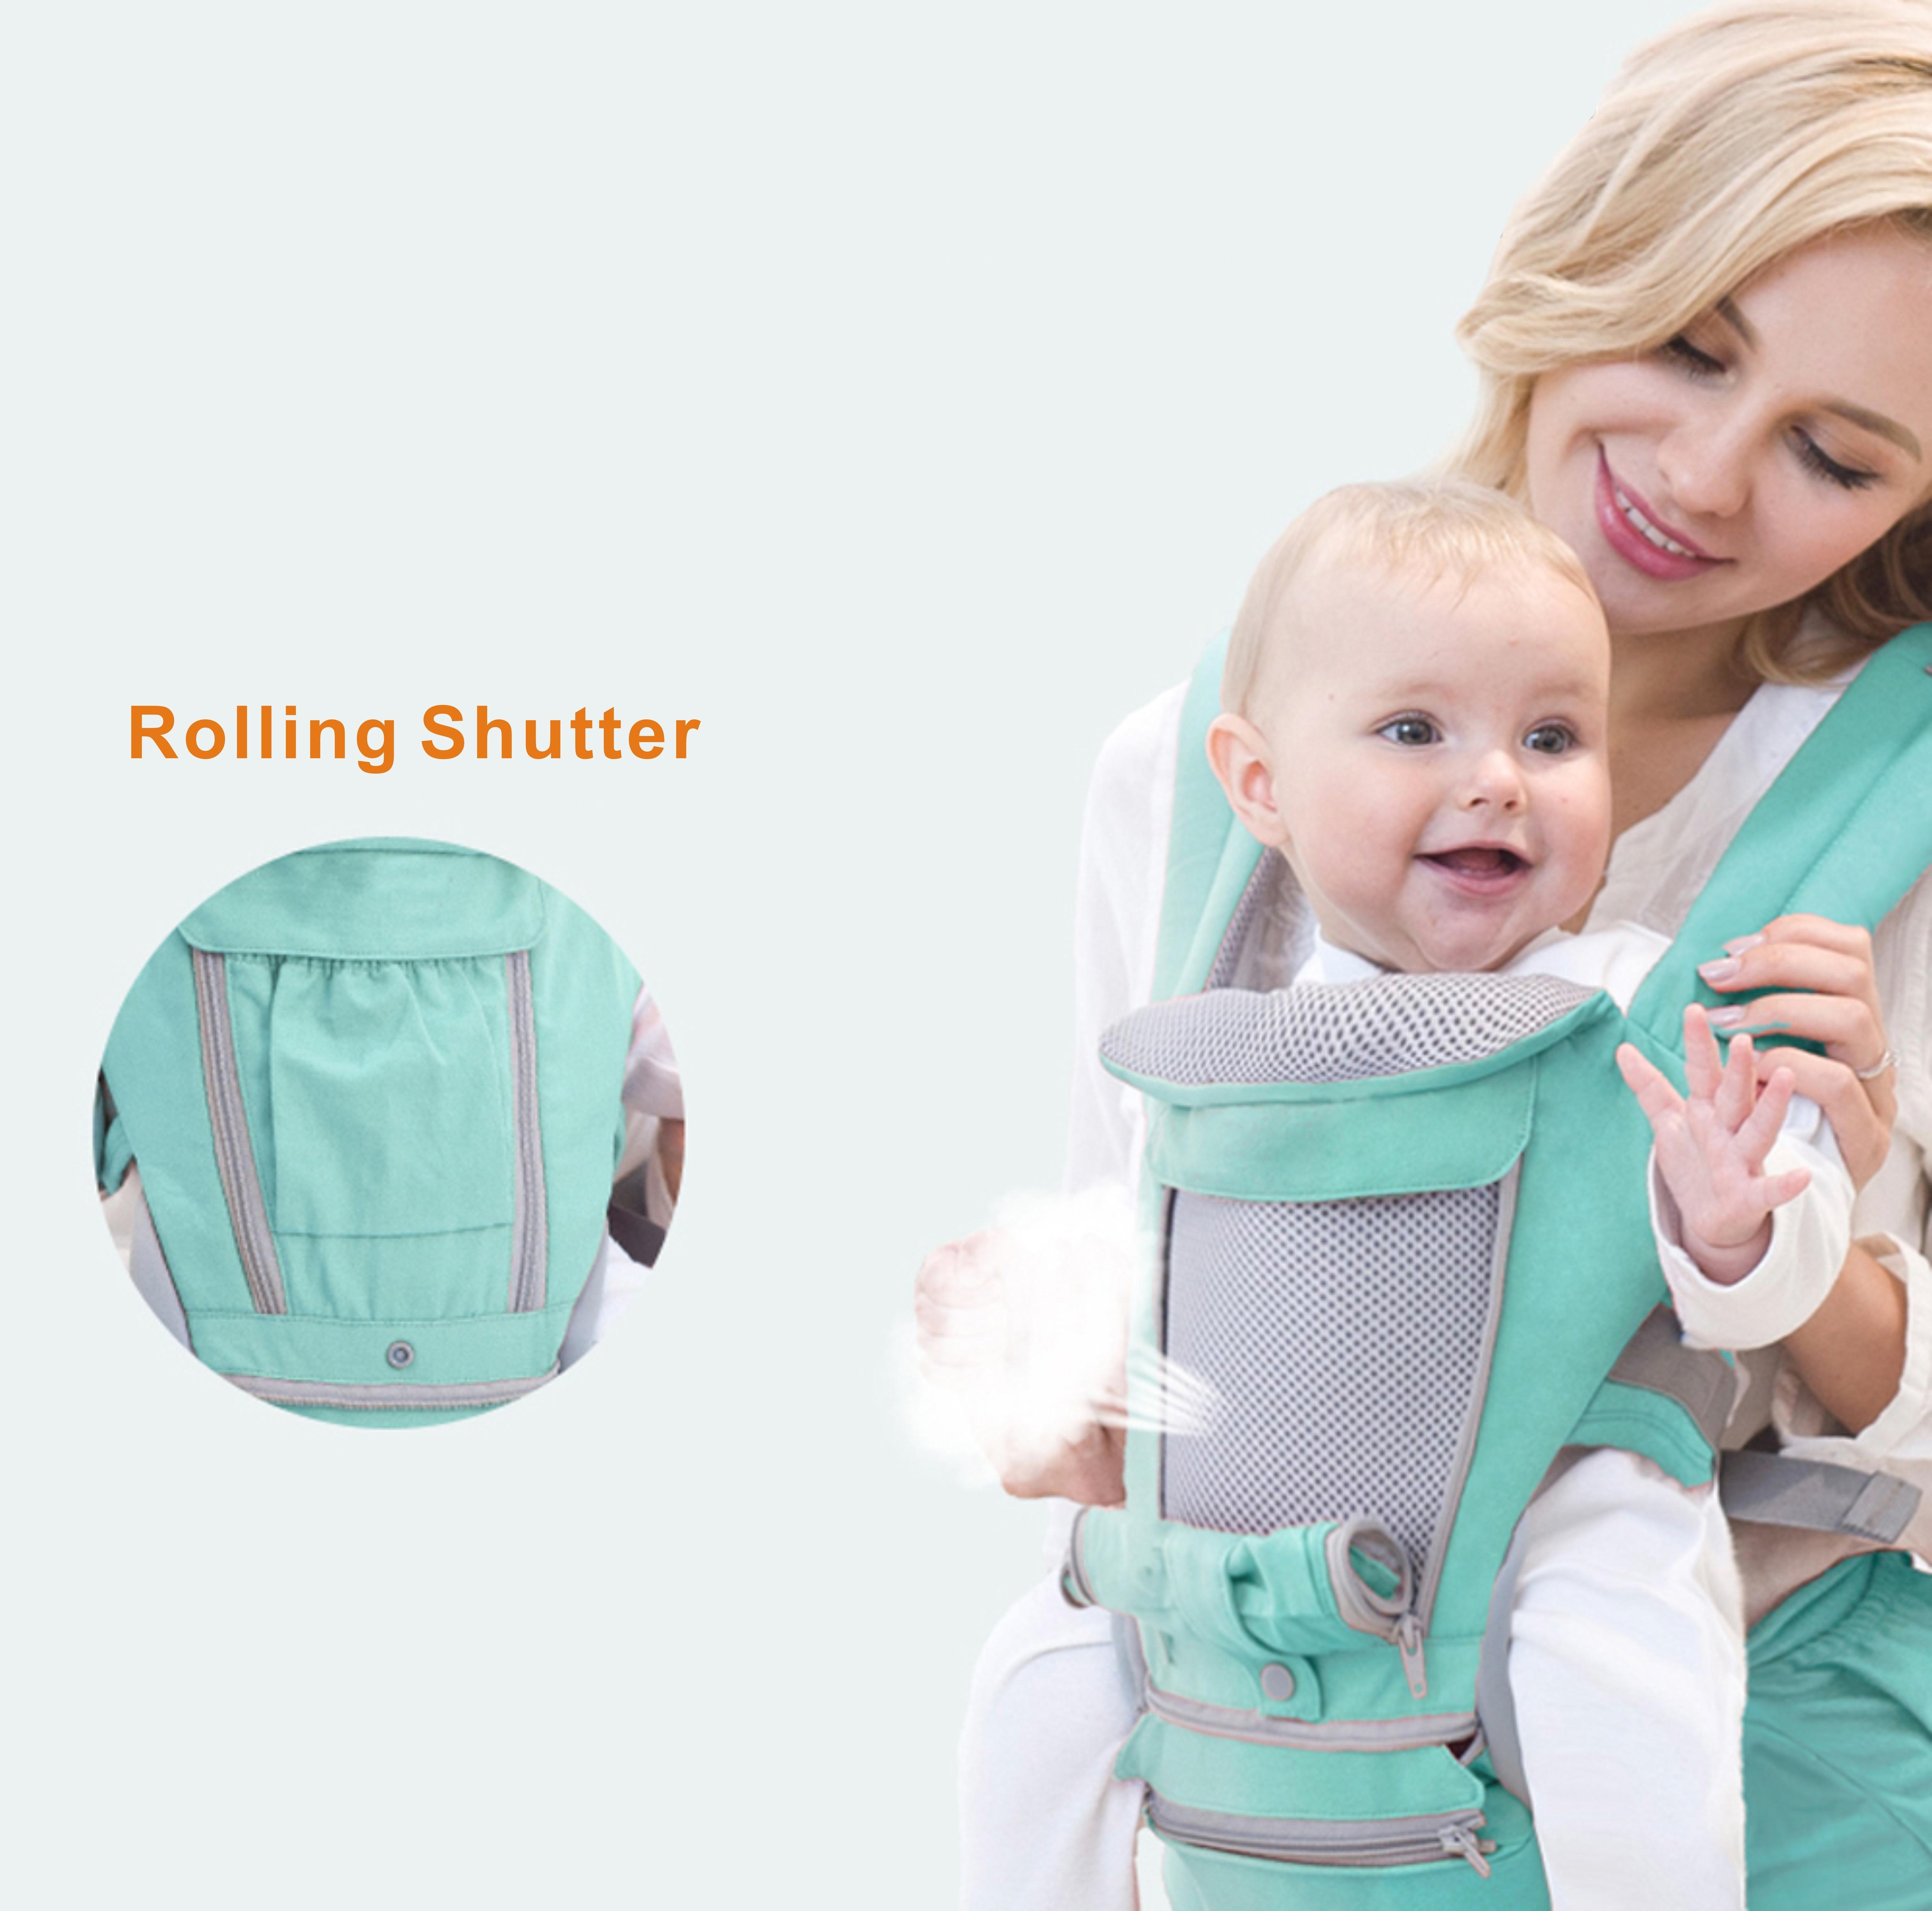 Дышащий эргономичный рюкзак-переноска для новорожденных, переноска для младенцев, кенгуру, Хипсит, Хипсит, слинг для ребенка, переноска рюкзаки кенгуру evenflo переноска active